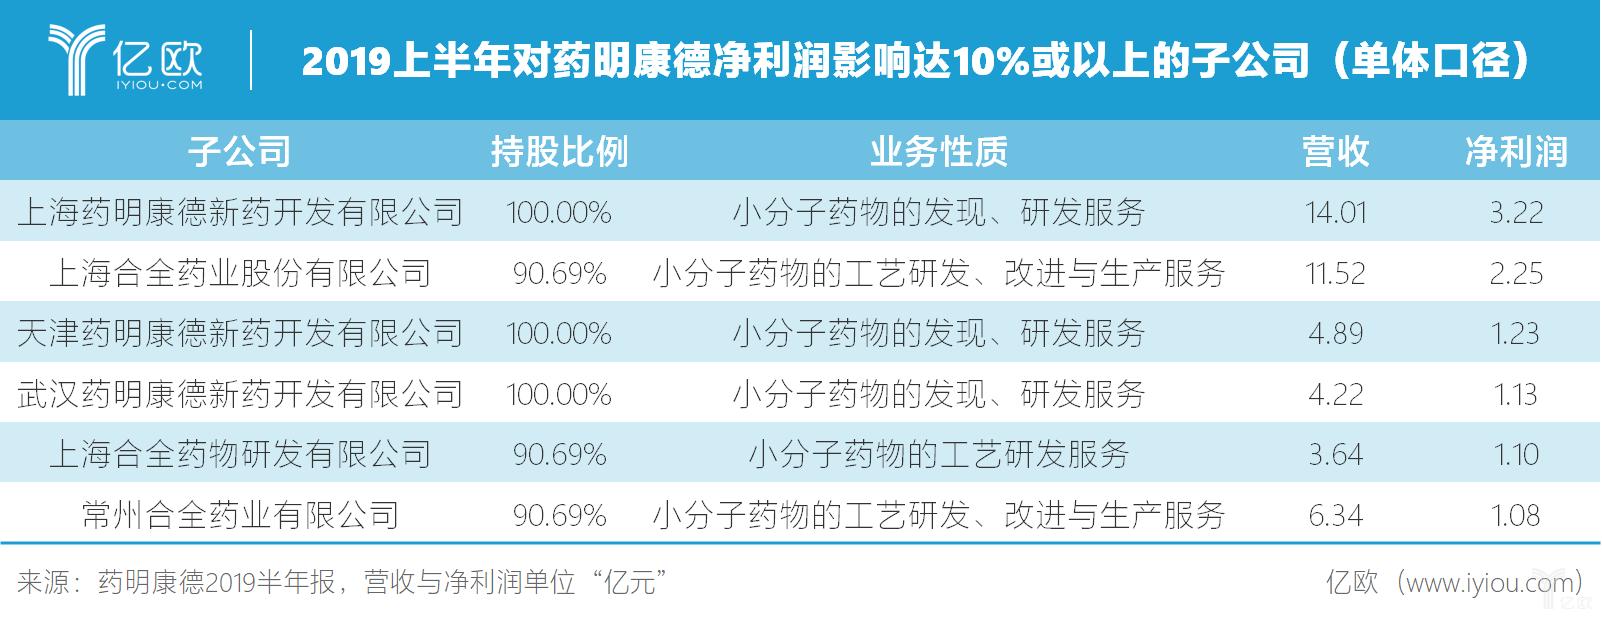 2019上半年对药明康德净利润影响达10%或以上的子公司(单体口径).png